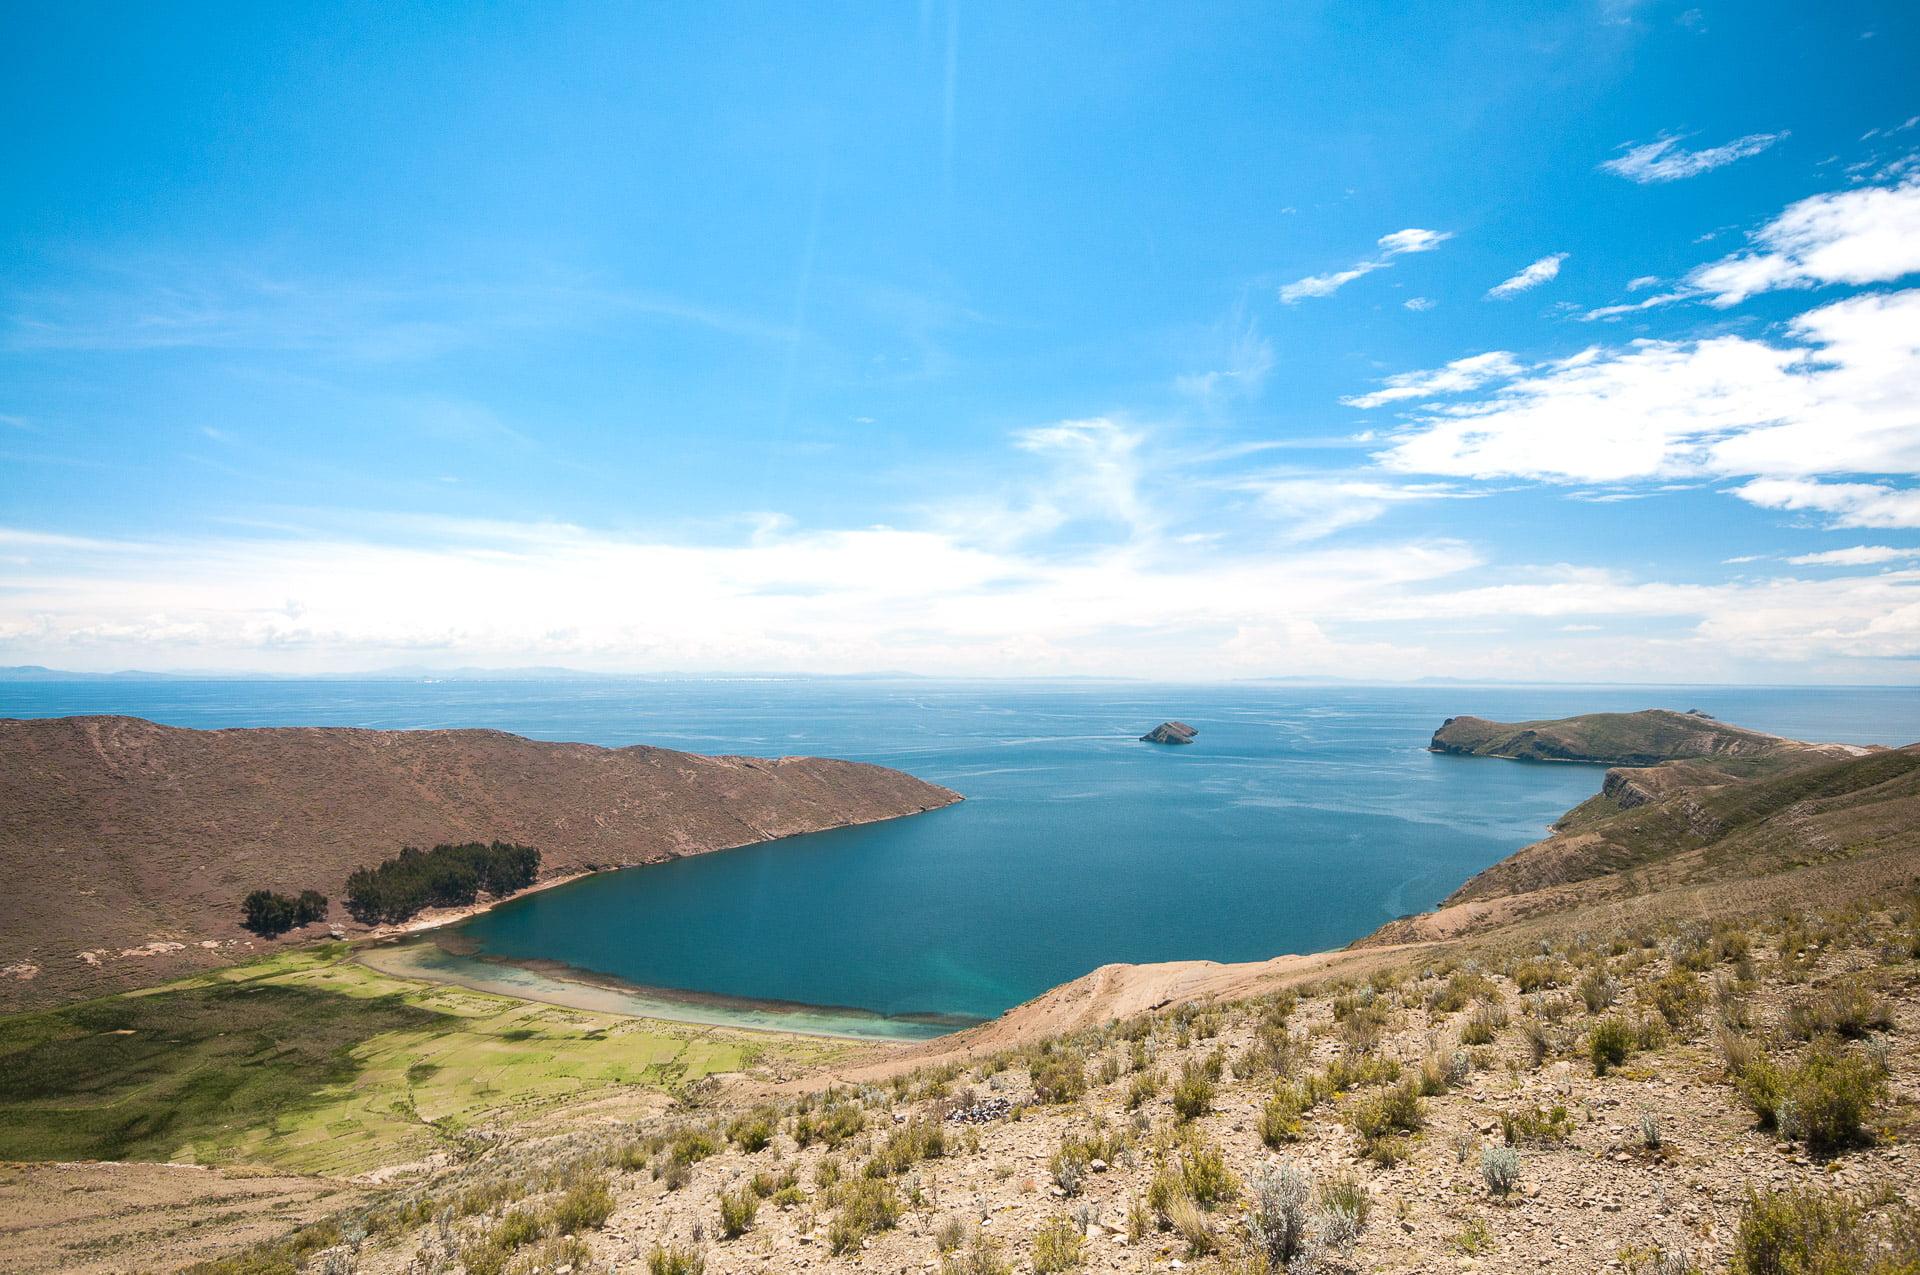 isla del sol crique carrée - Les globe blogueurs - blog voyage nature